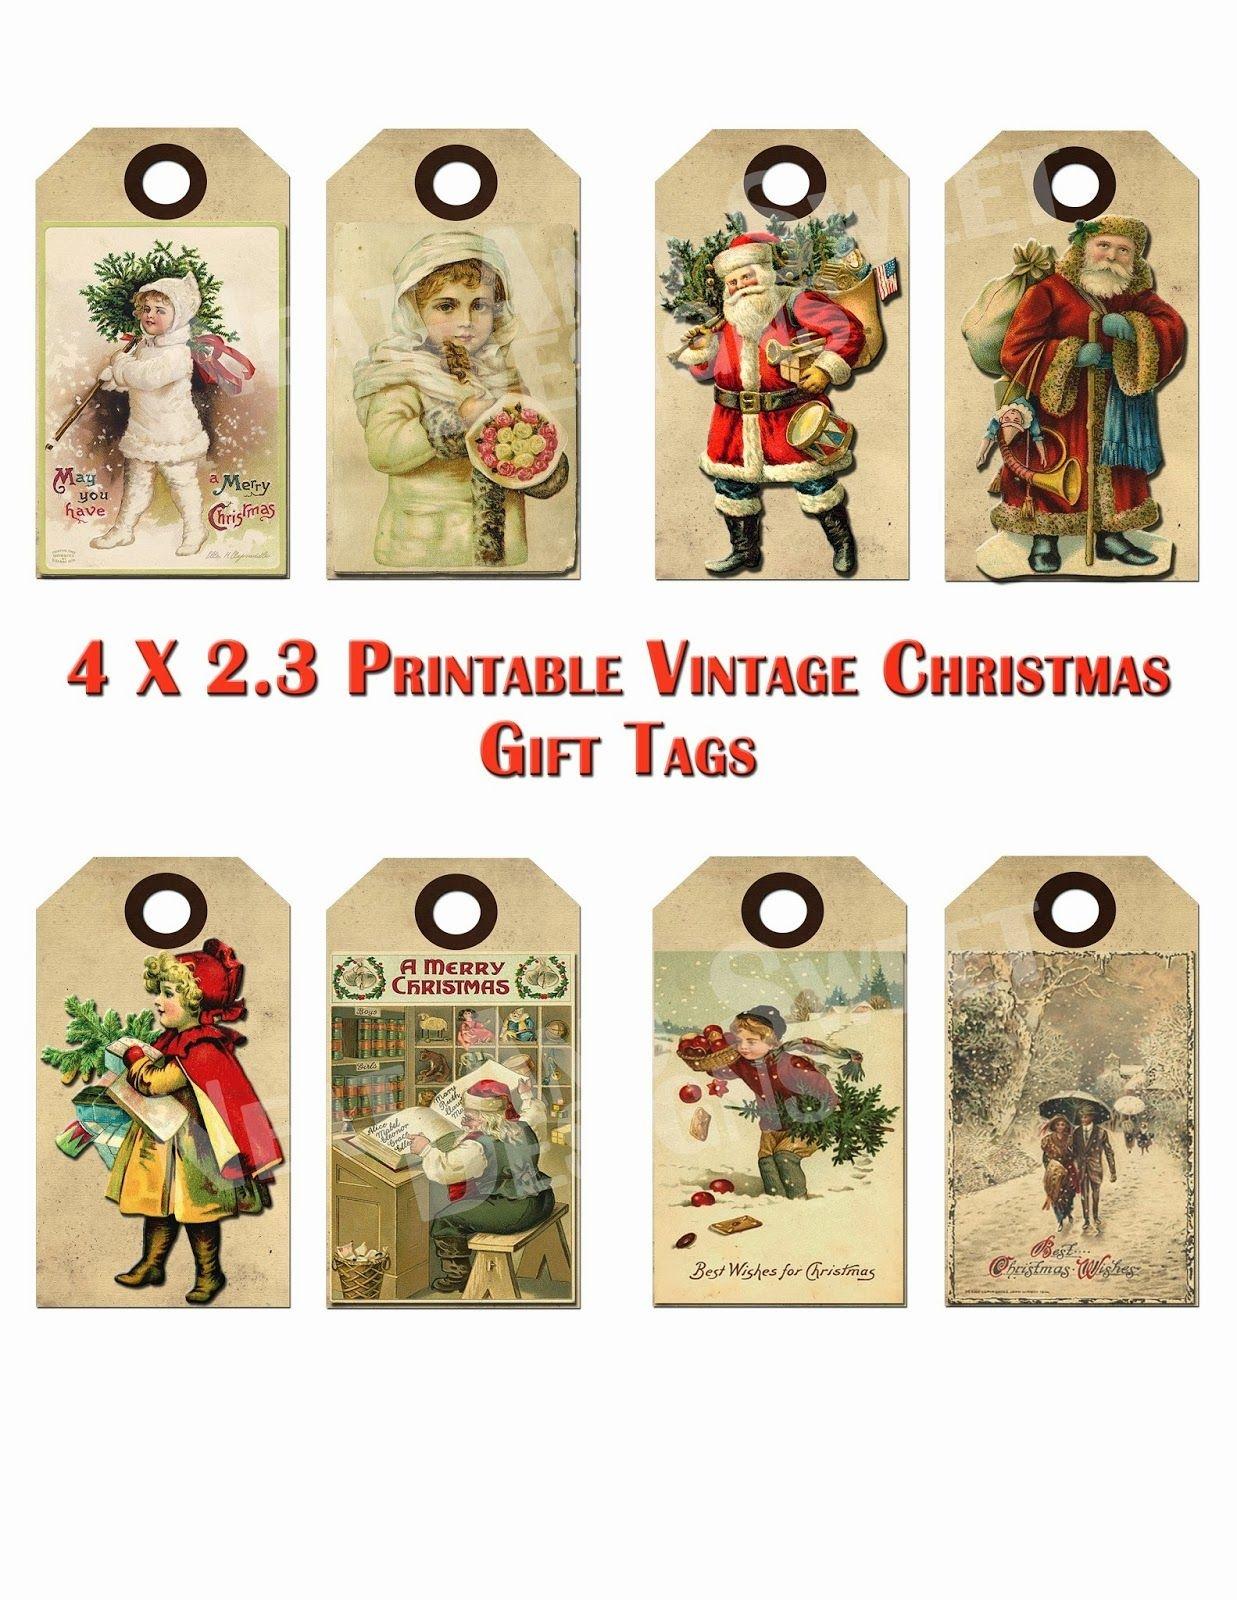 Free Printable Vintage Christmas Tags - Google Search | Craft Ideas - Free Printable Vintage Christmas Tags For Gifts